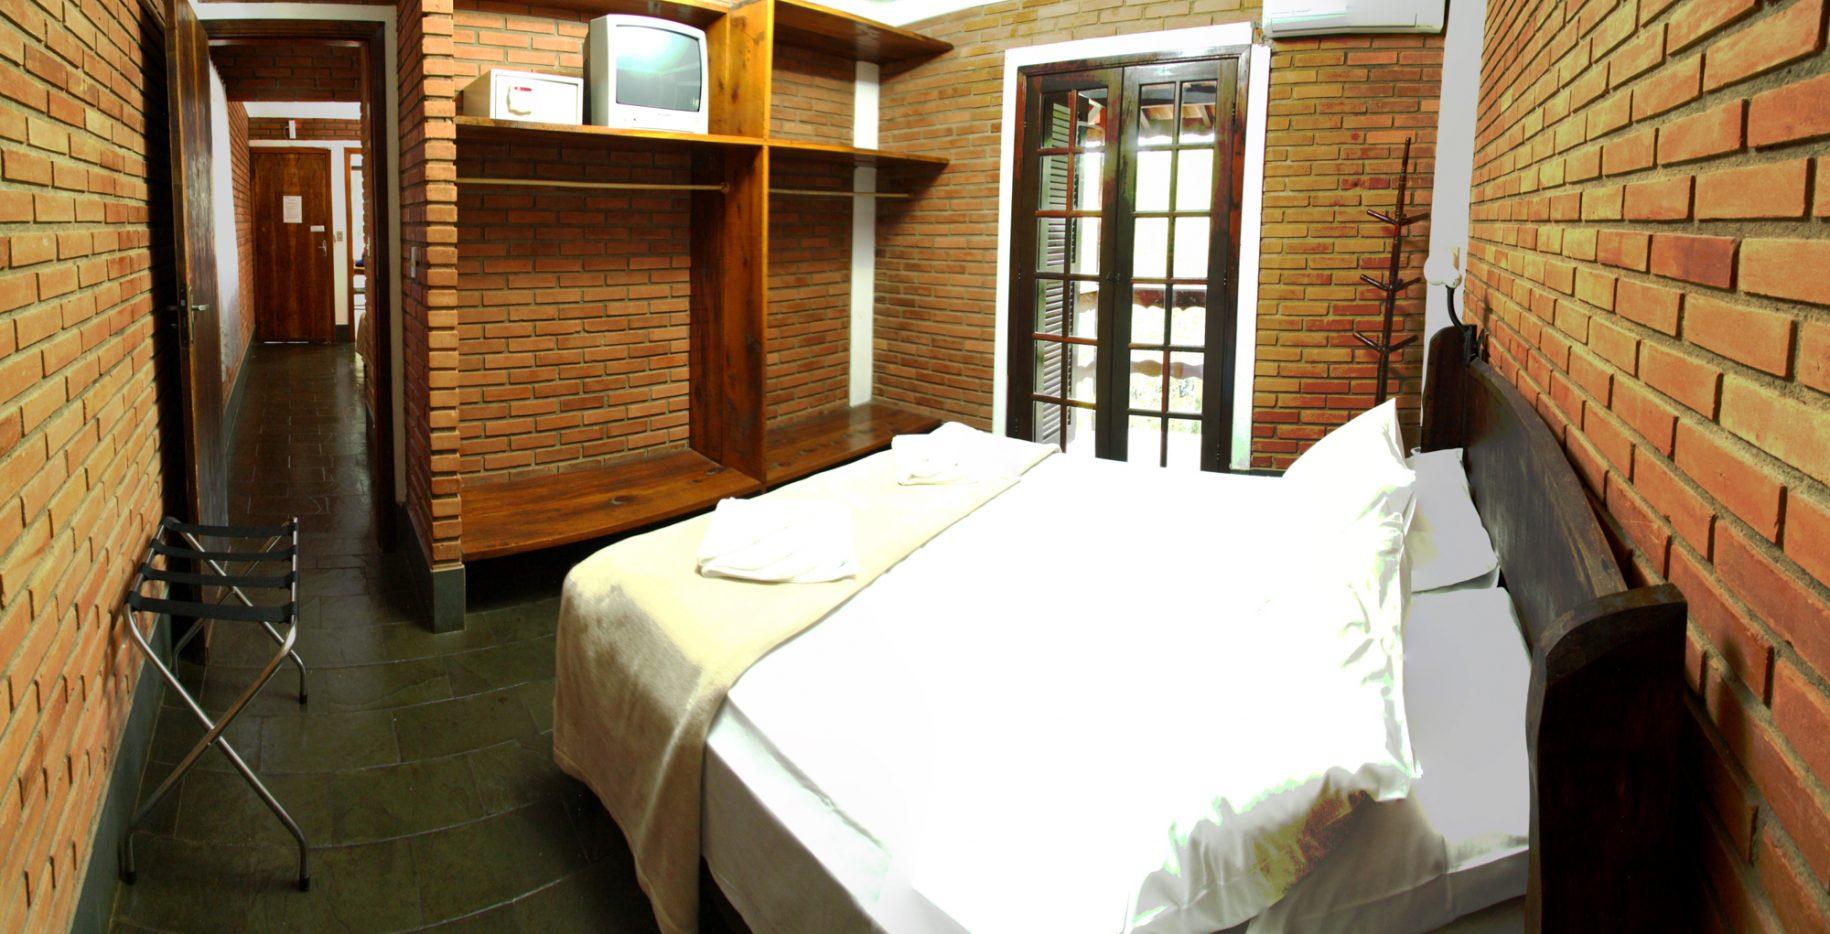 Quarto do chalé no hotel fazenda parque dos sonhos com cama de casal, televisão, cofre, ar condicionado quente e frio